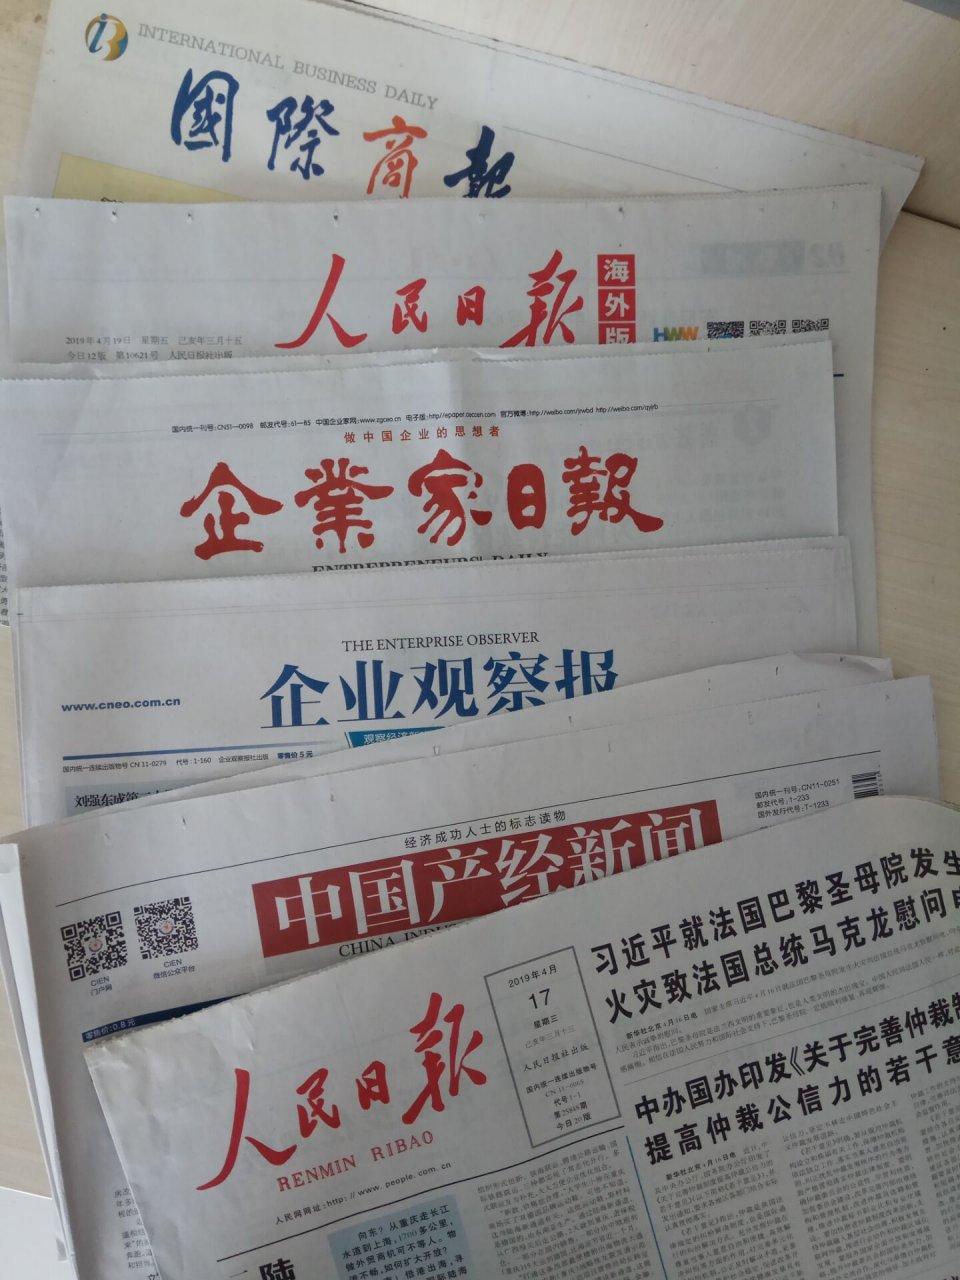 中国企业报刊社联盟